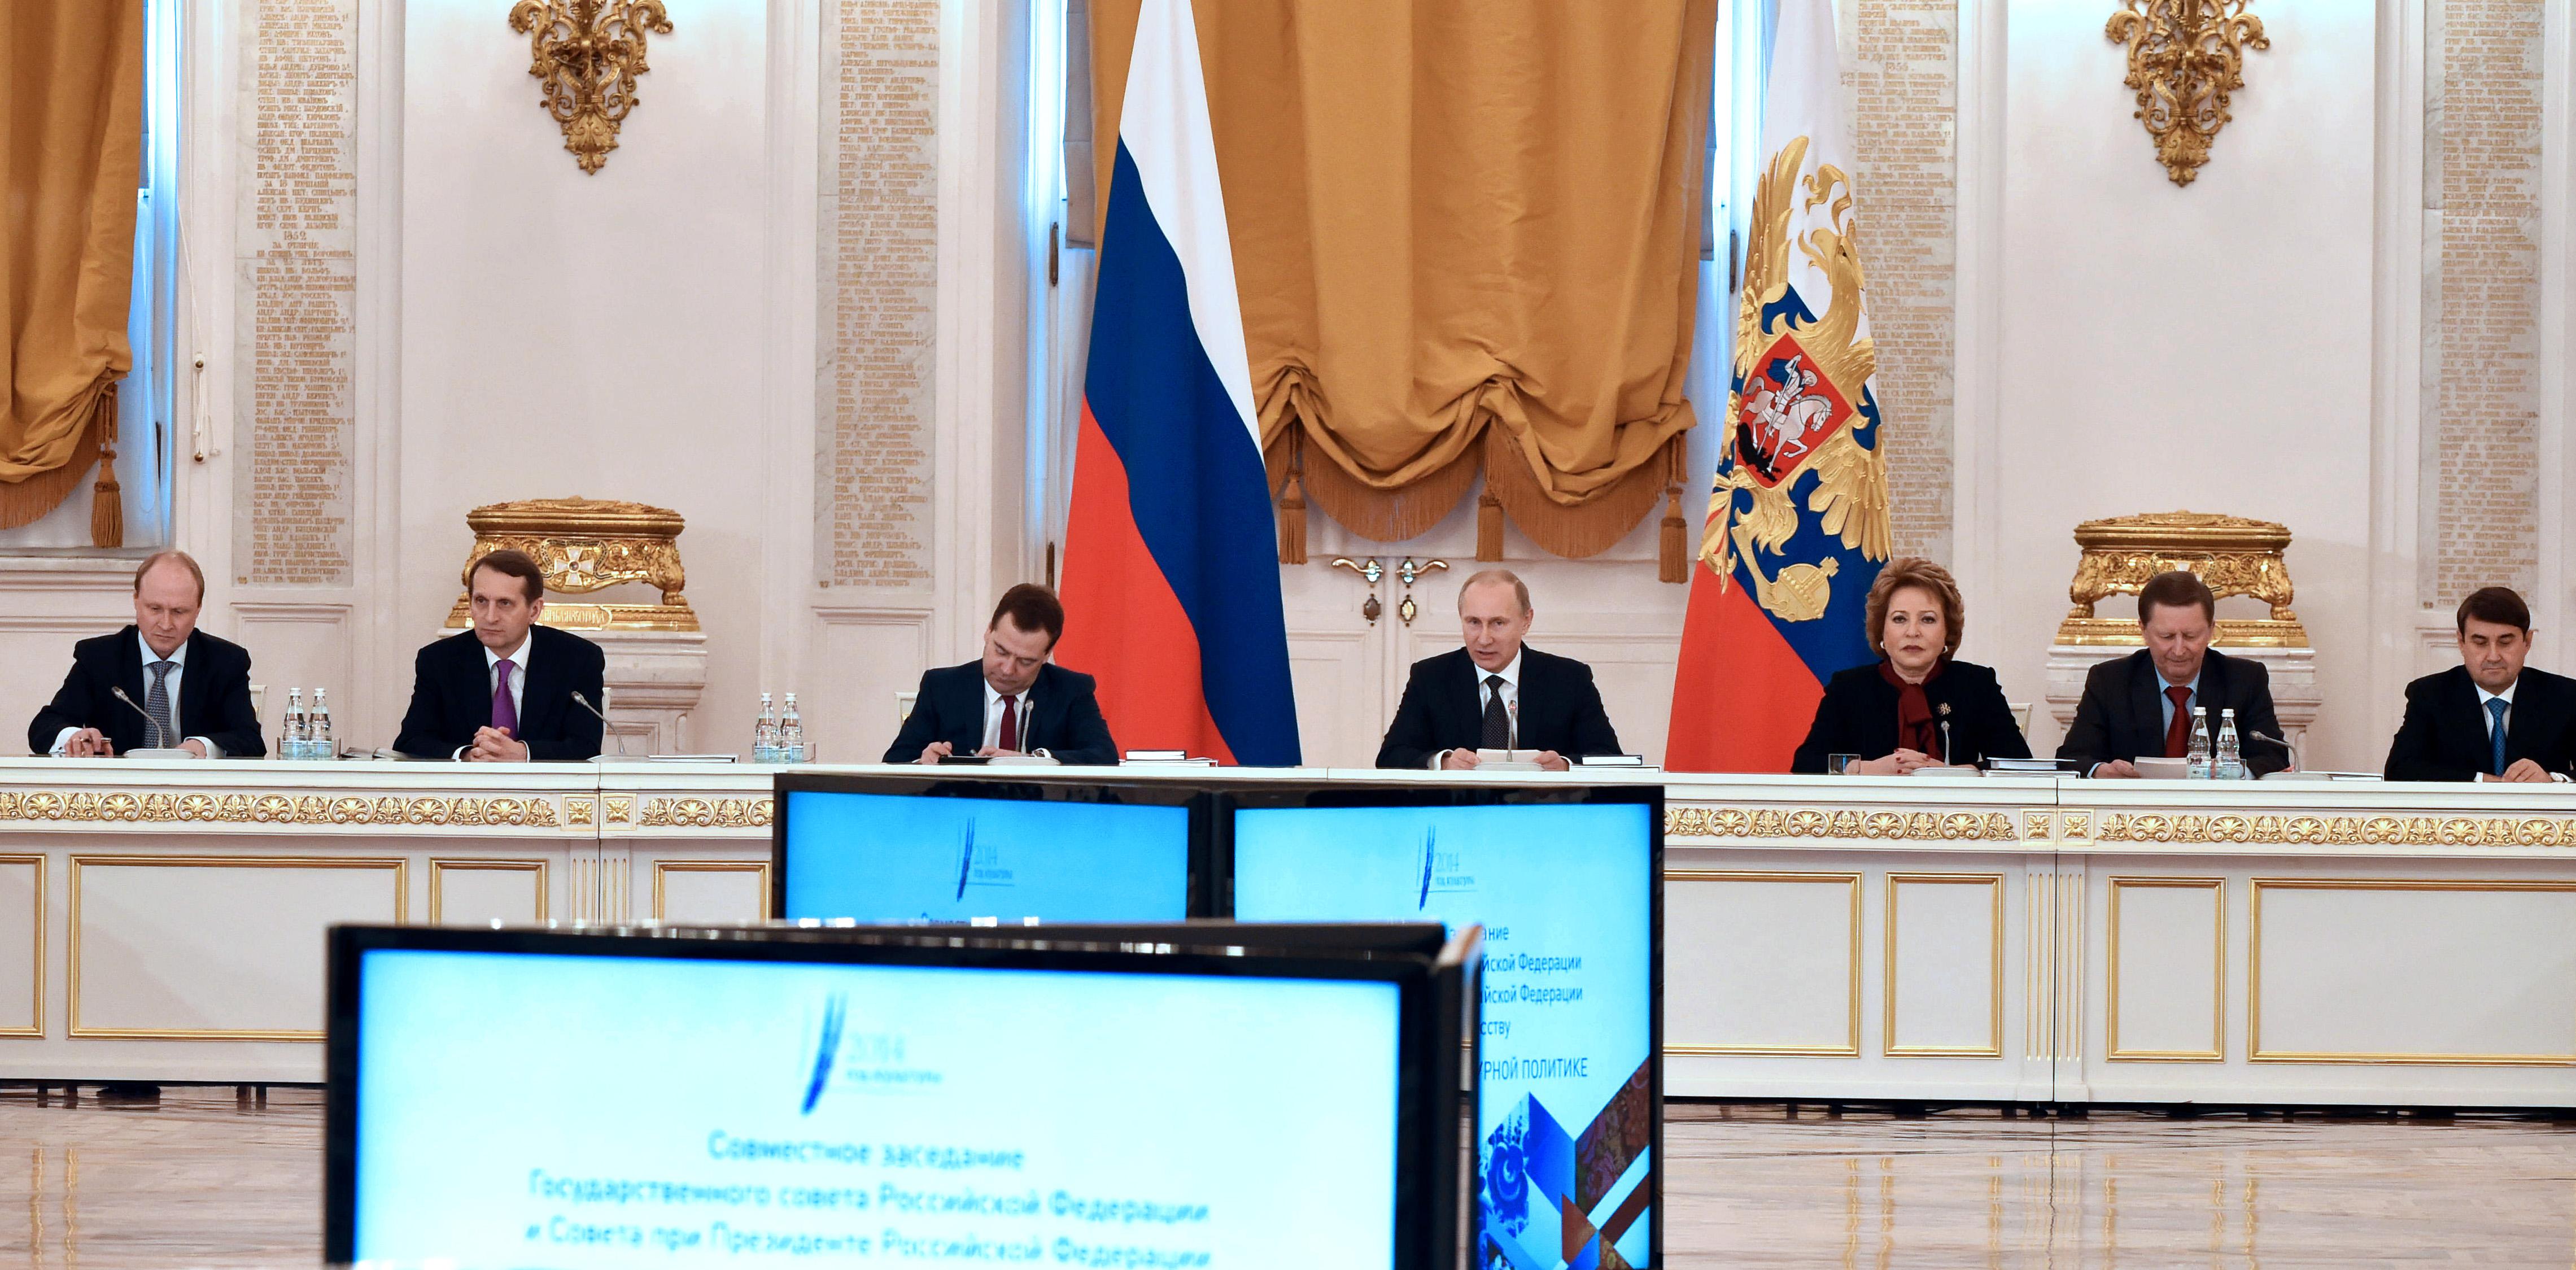 Совместное заседание Госсовета и Совета по культуре и искусству